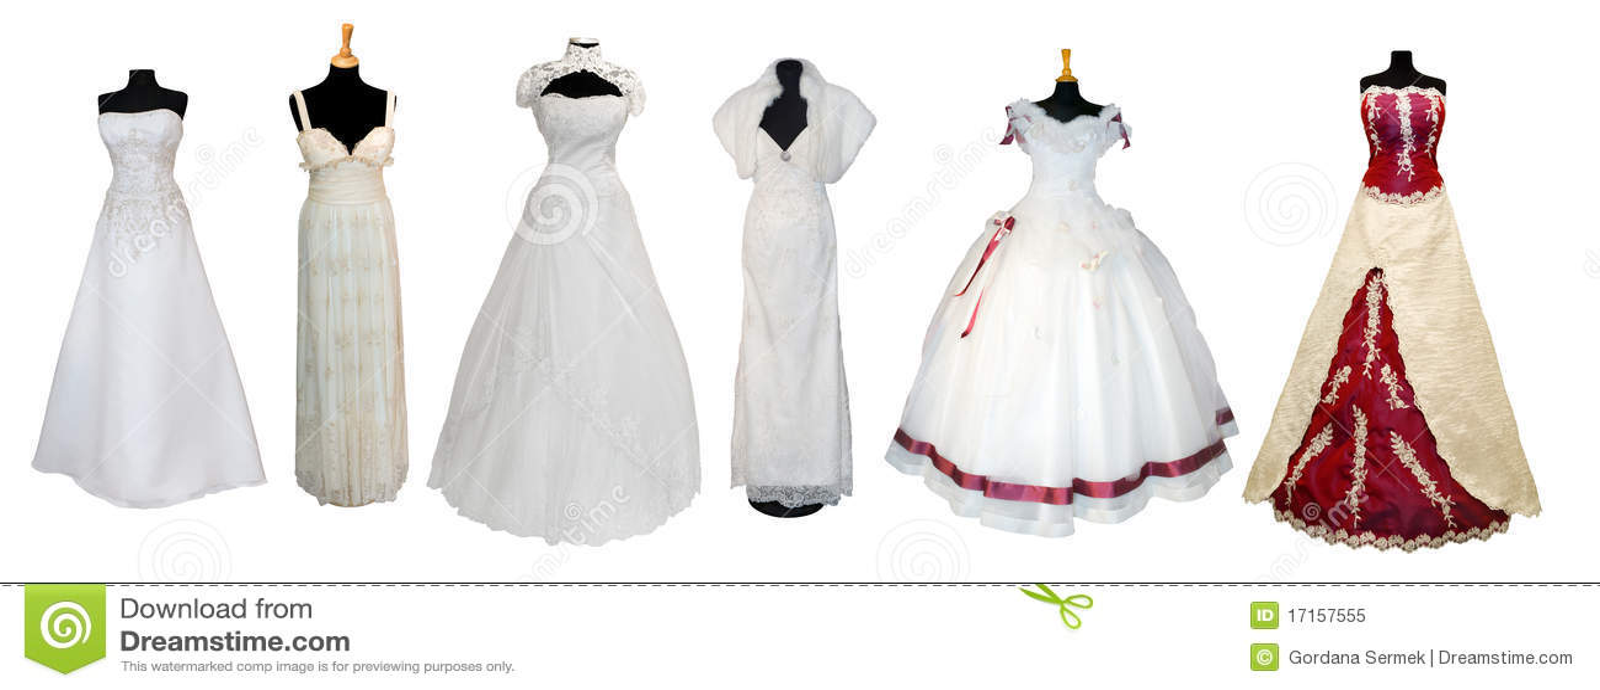 Wunderbar Verschiedene Arten Von Hochzeitskleid Zeitgenössisch ...